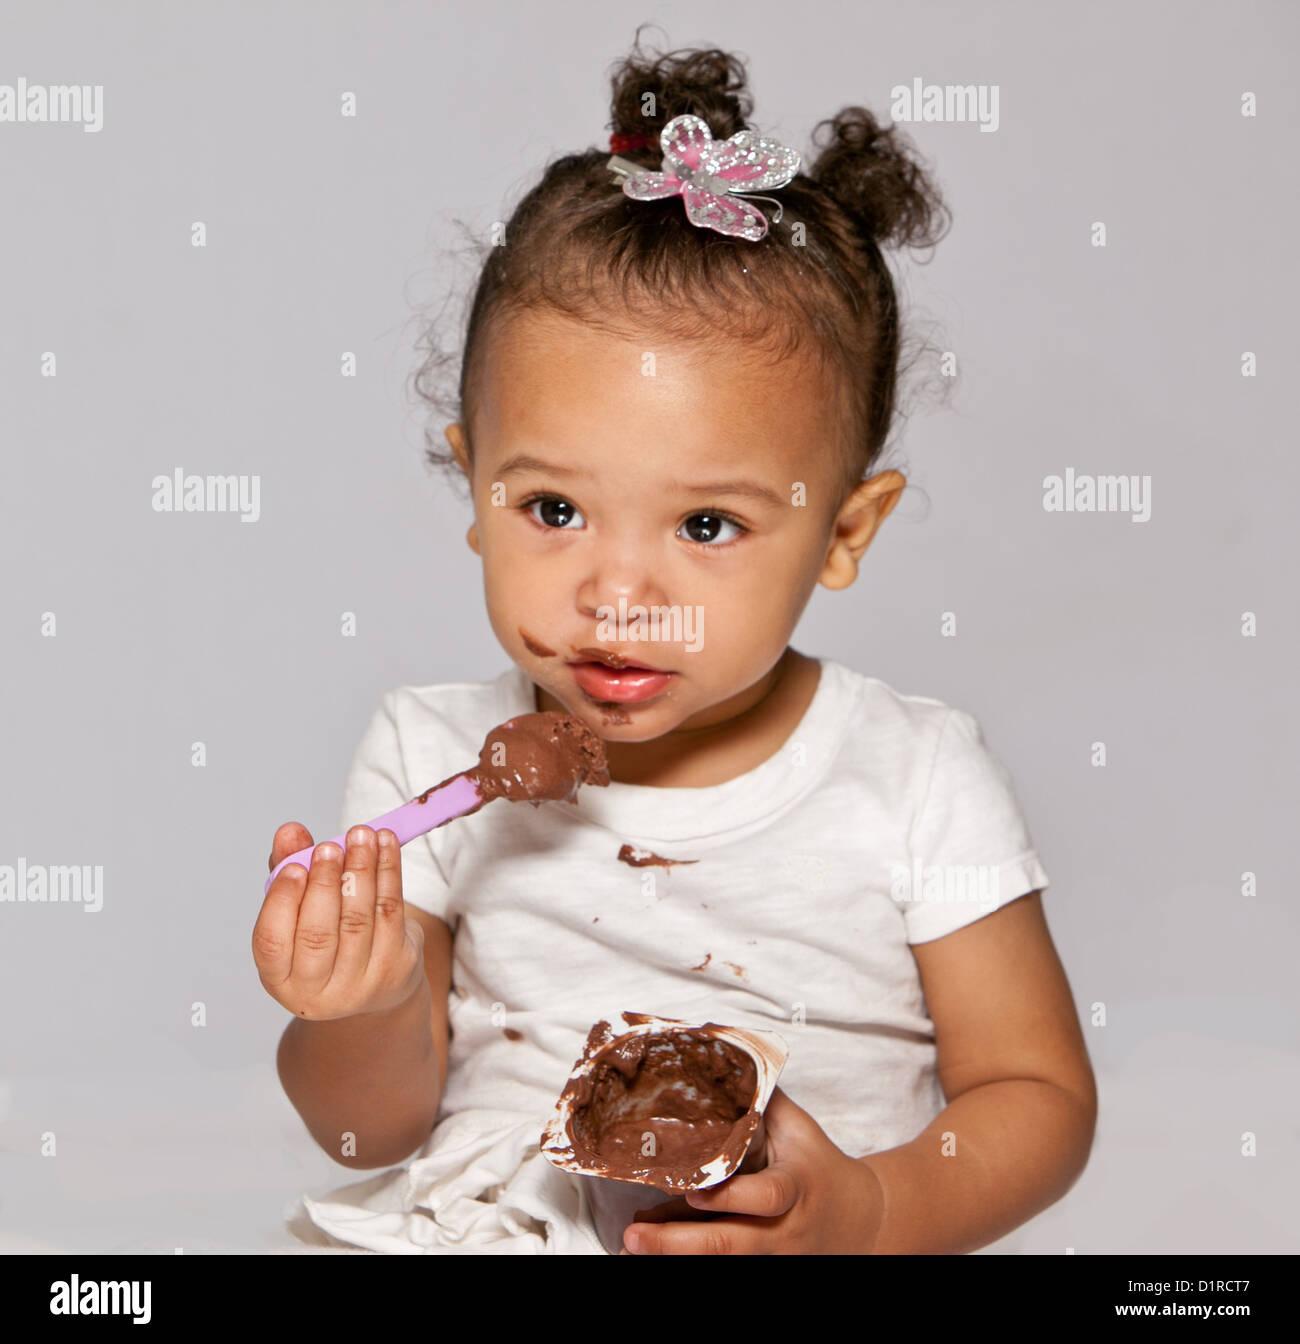 Cute little girl, tout-petit, ce qui fait un désordre de manger un chocolat désert. Photo Stock